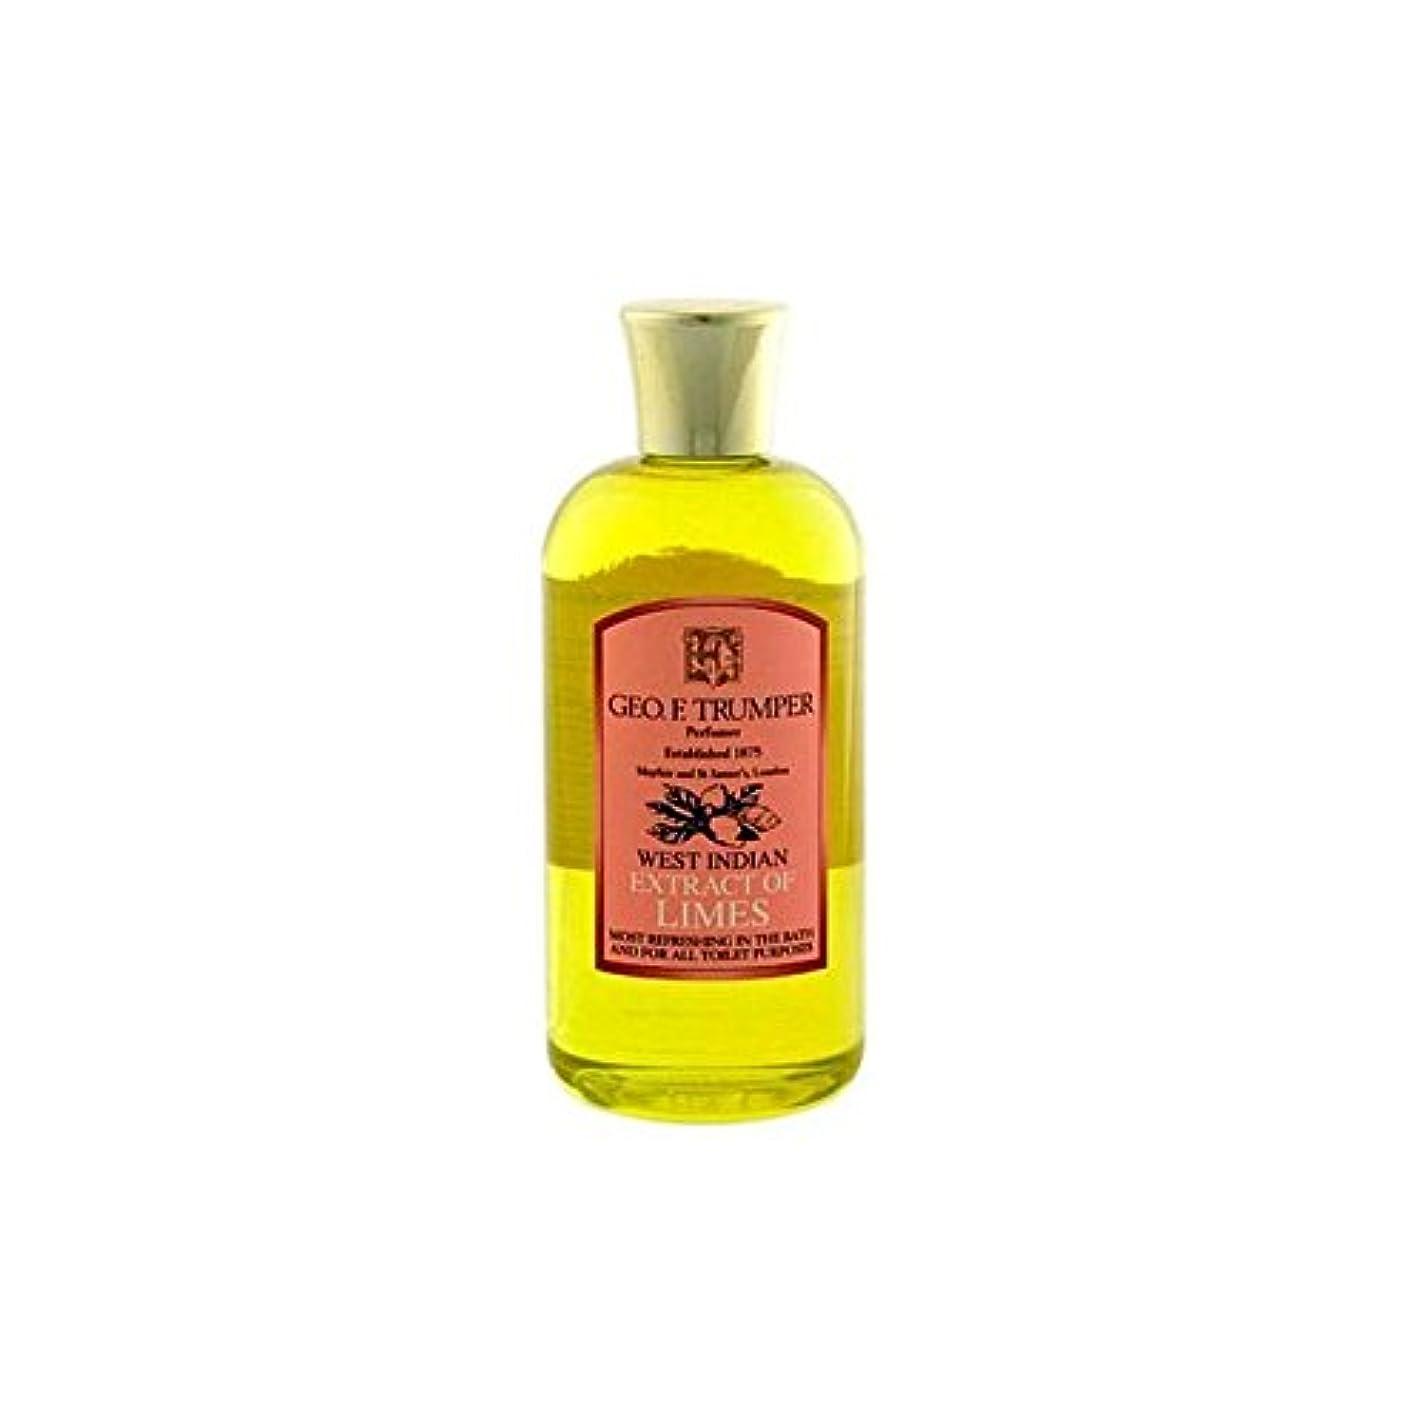 犬電話するパスタライムのバスタブとシャワージェル200の抽出物を x2 - Trumpers Extracts of Limes Bath and Shower Gel 200ml (Pack of 2) [並行輸入品]